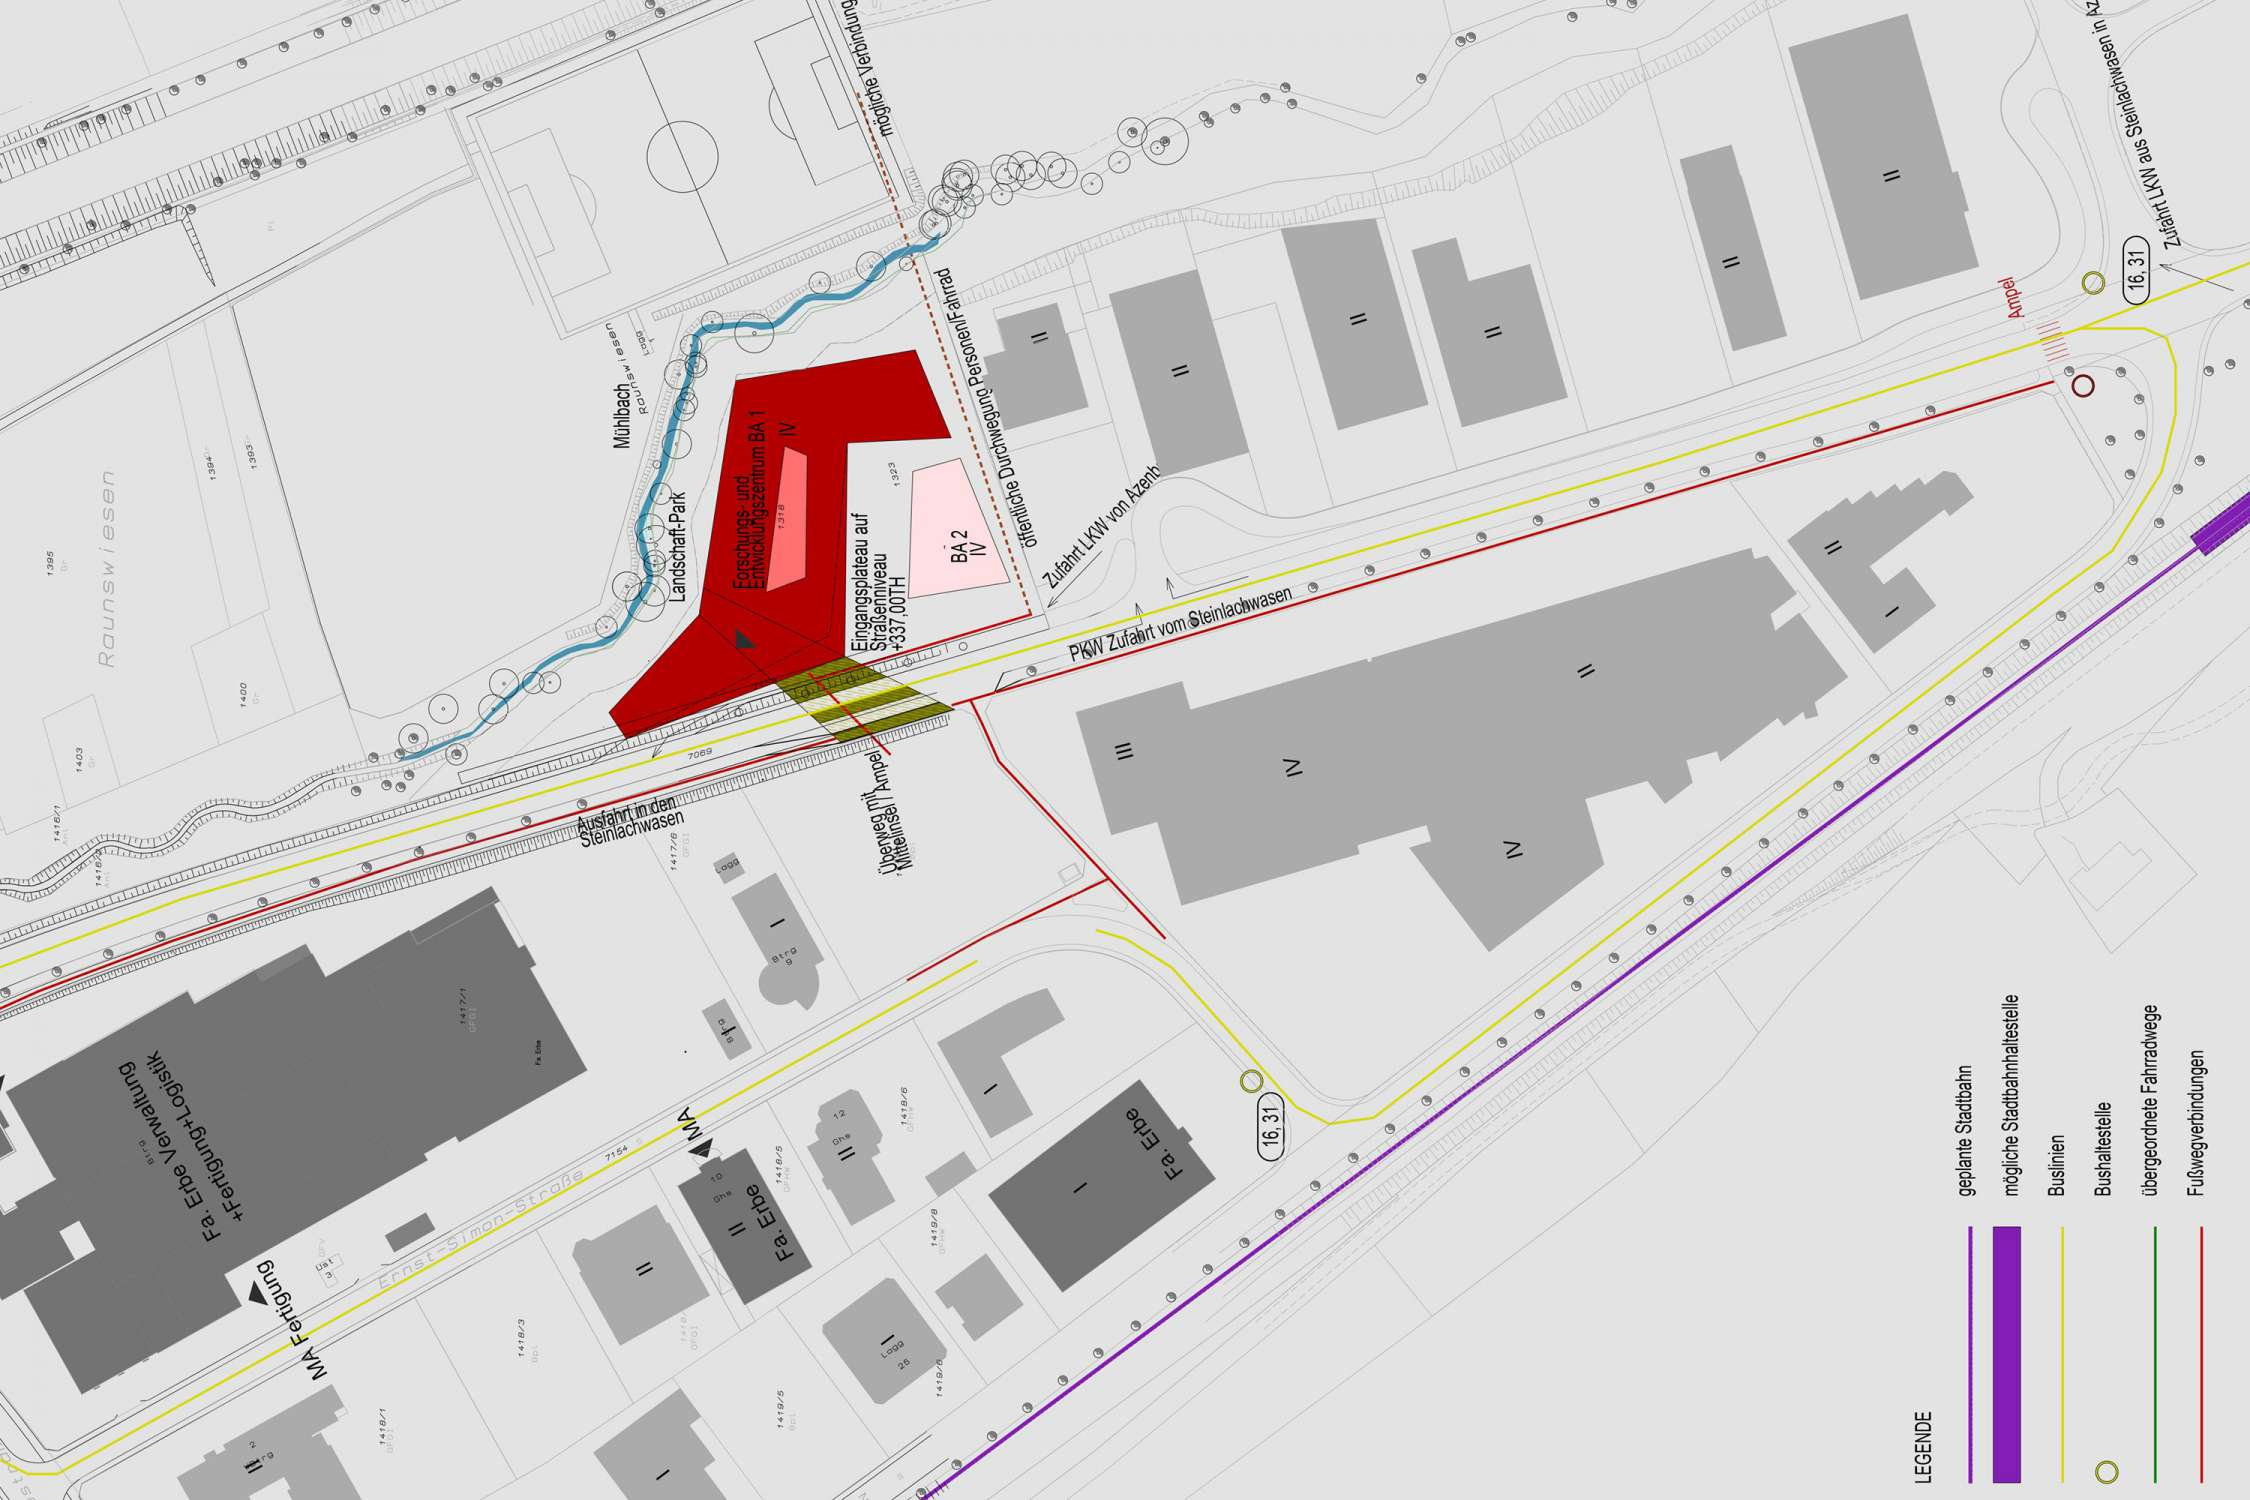 Forschungs- und Entwicklungszentrum Raunswiesen (4)